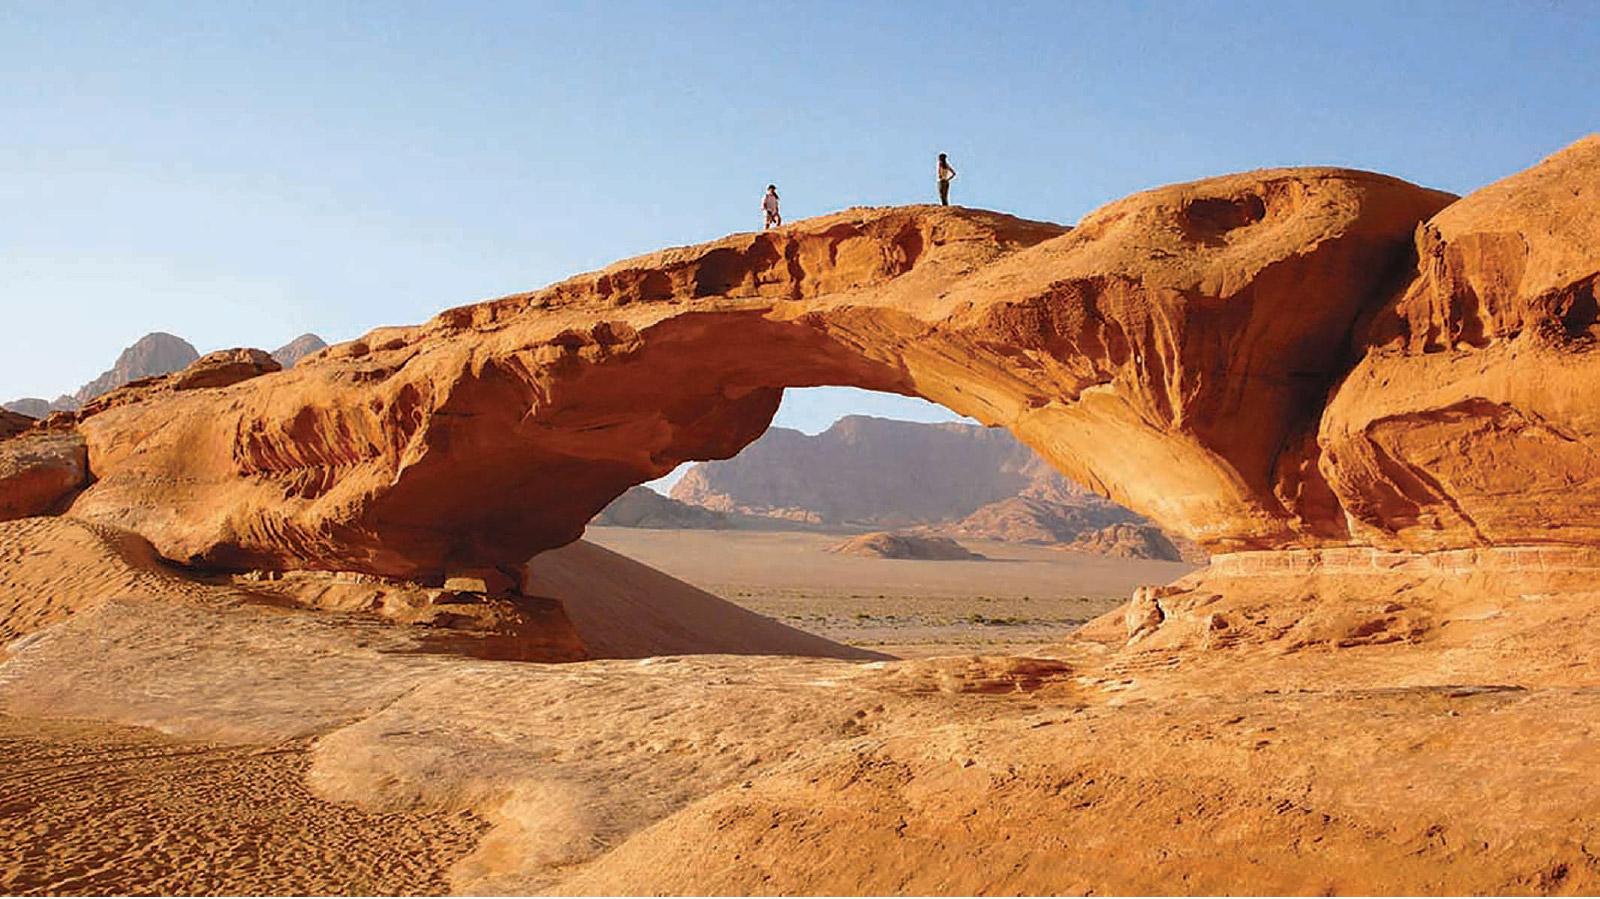 جسر طبيعي في وادي رم في صحراء الأردن